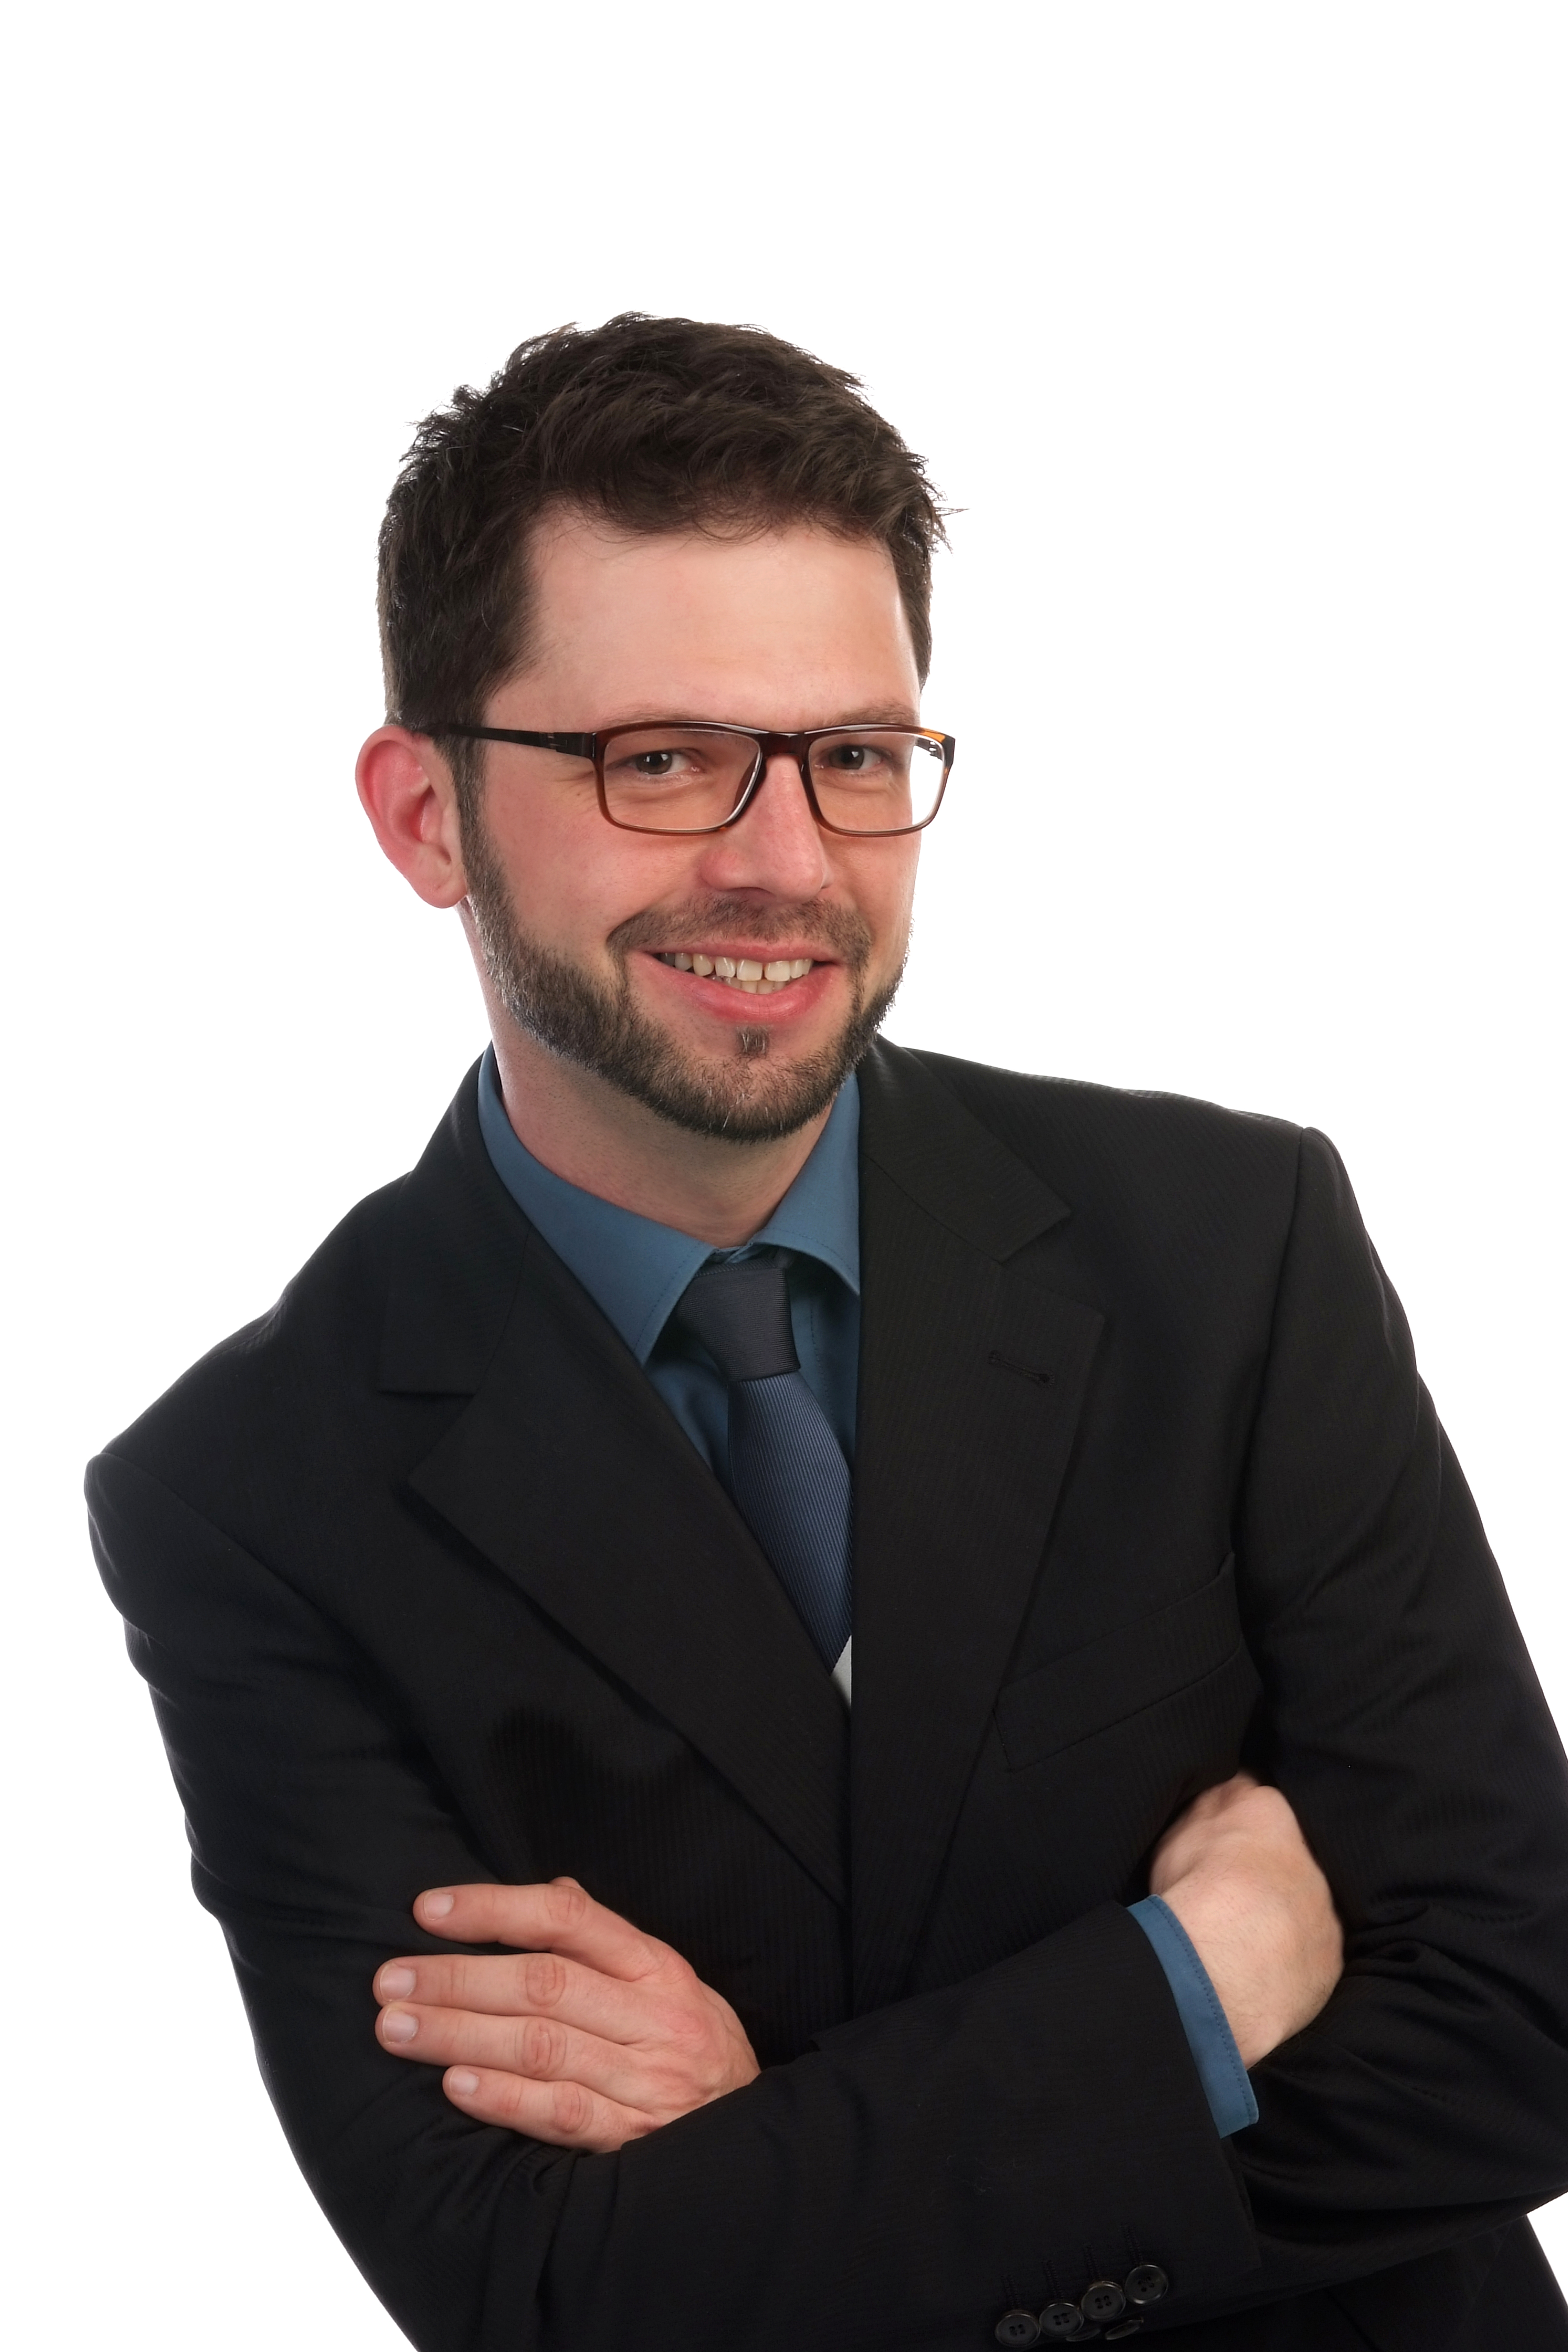 Jürgen Heilmann